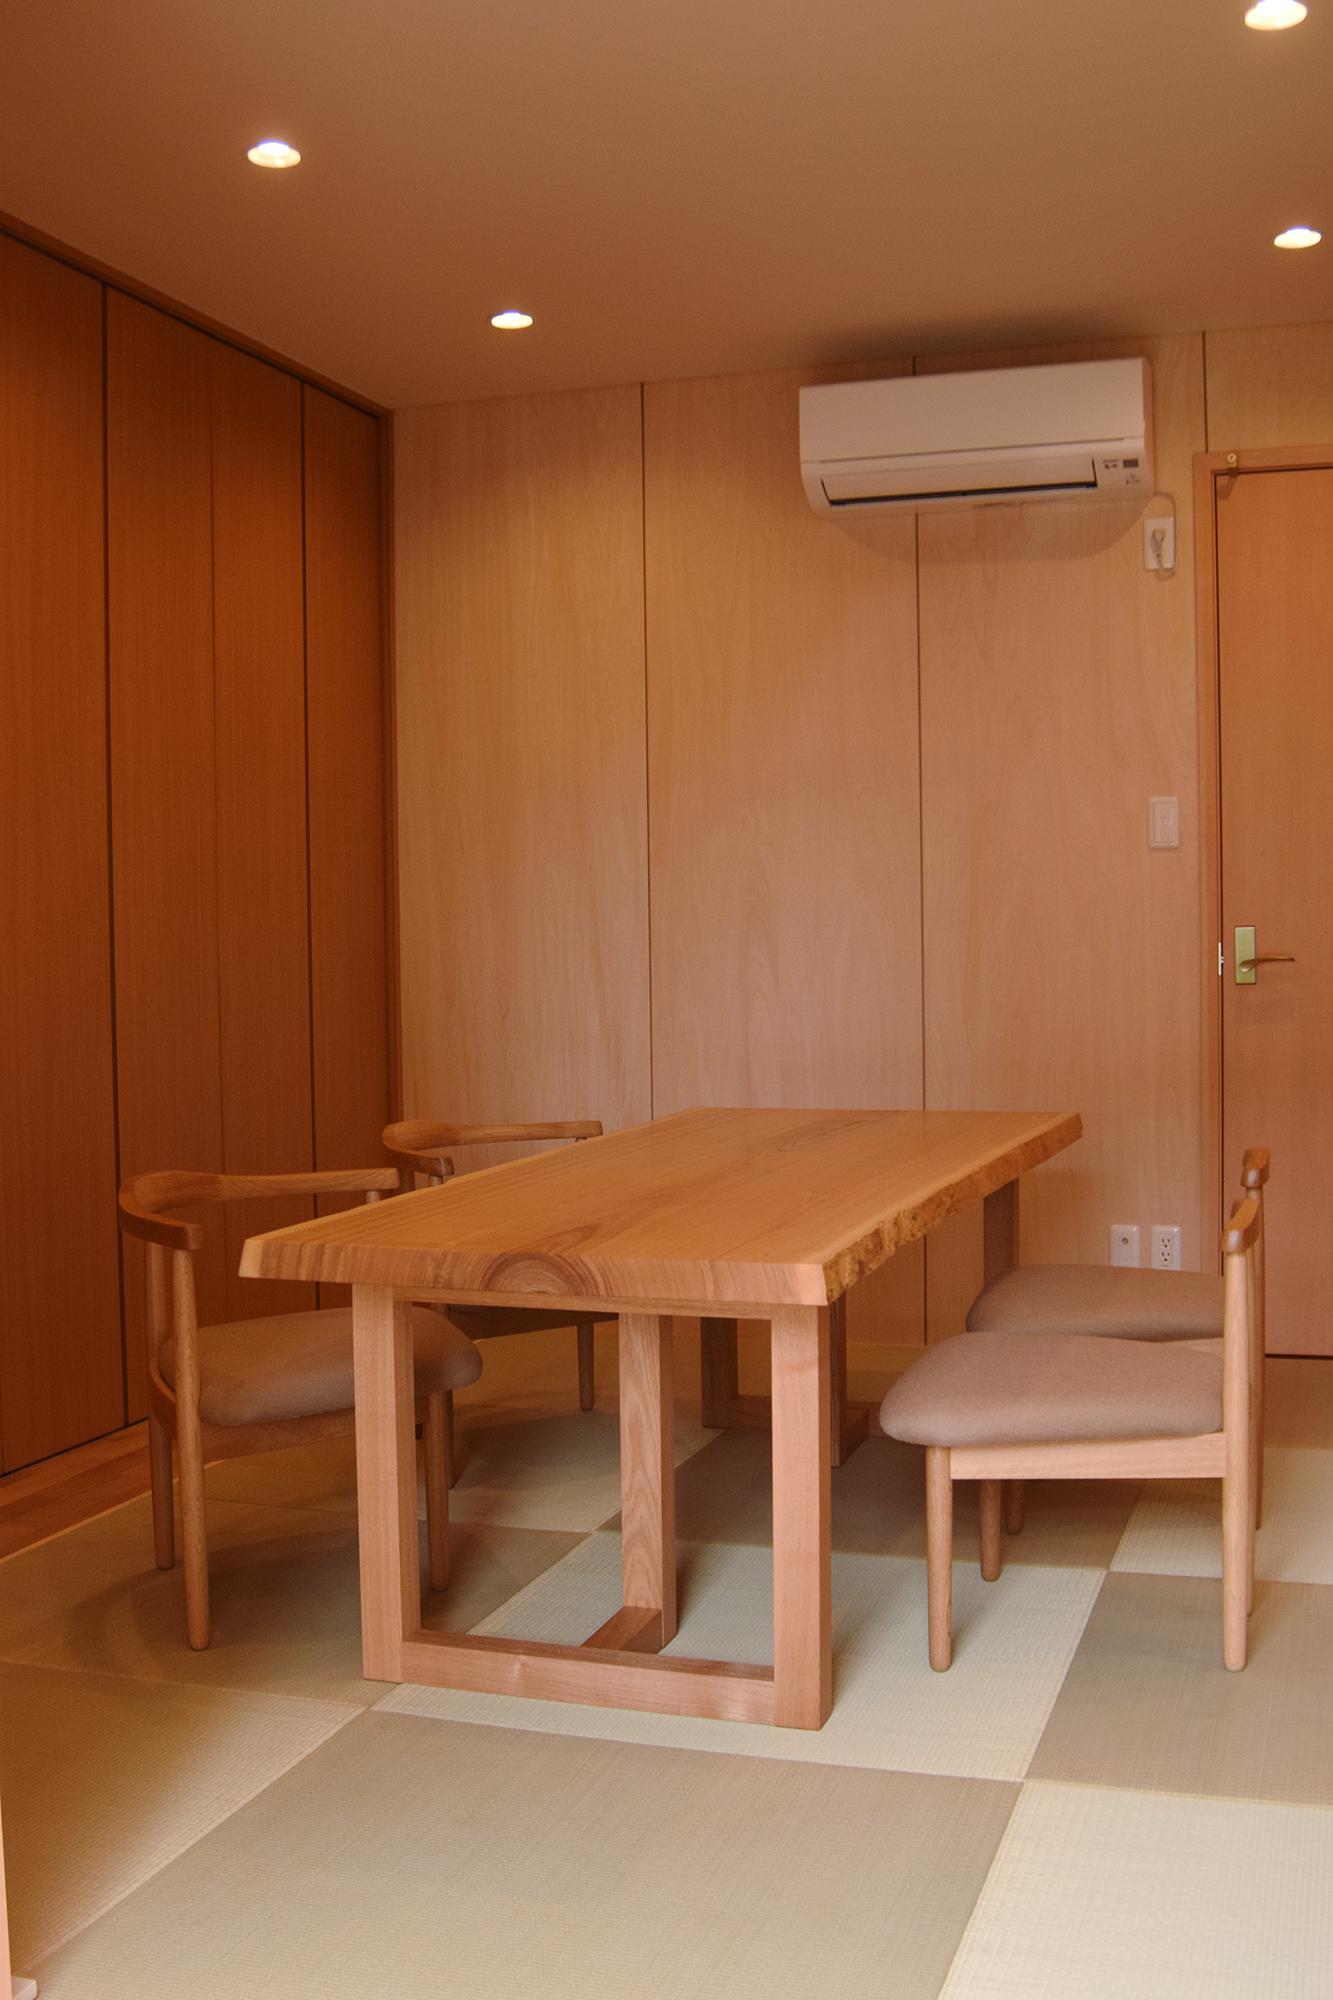 タモ一枚板無垢天板のダイニン グテーブル